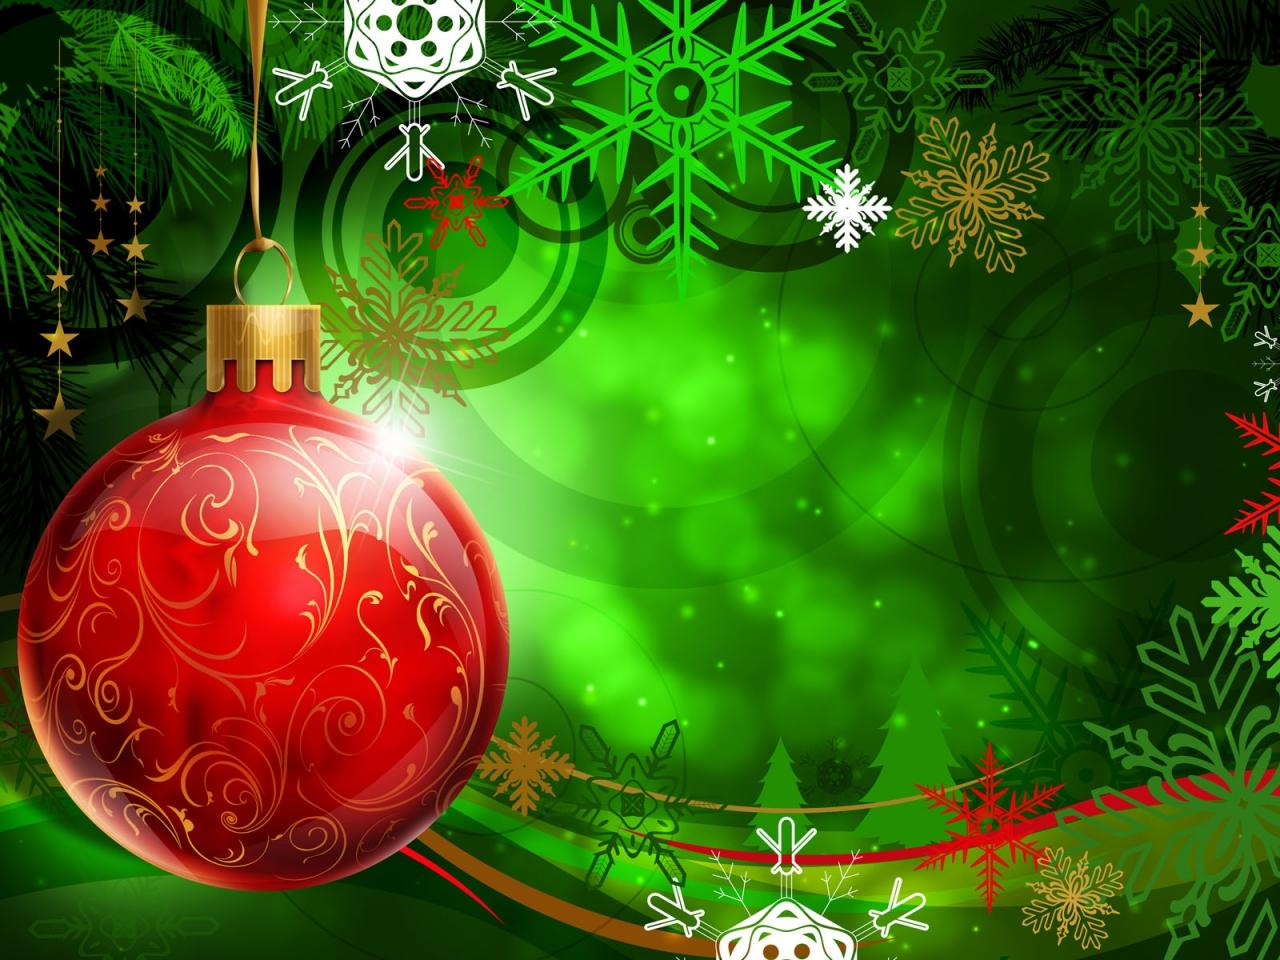 Una esfera roja en arbol de navidad dibujo - 1280x960